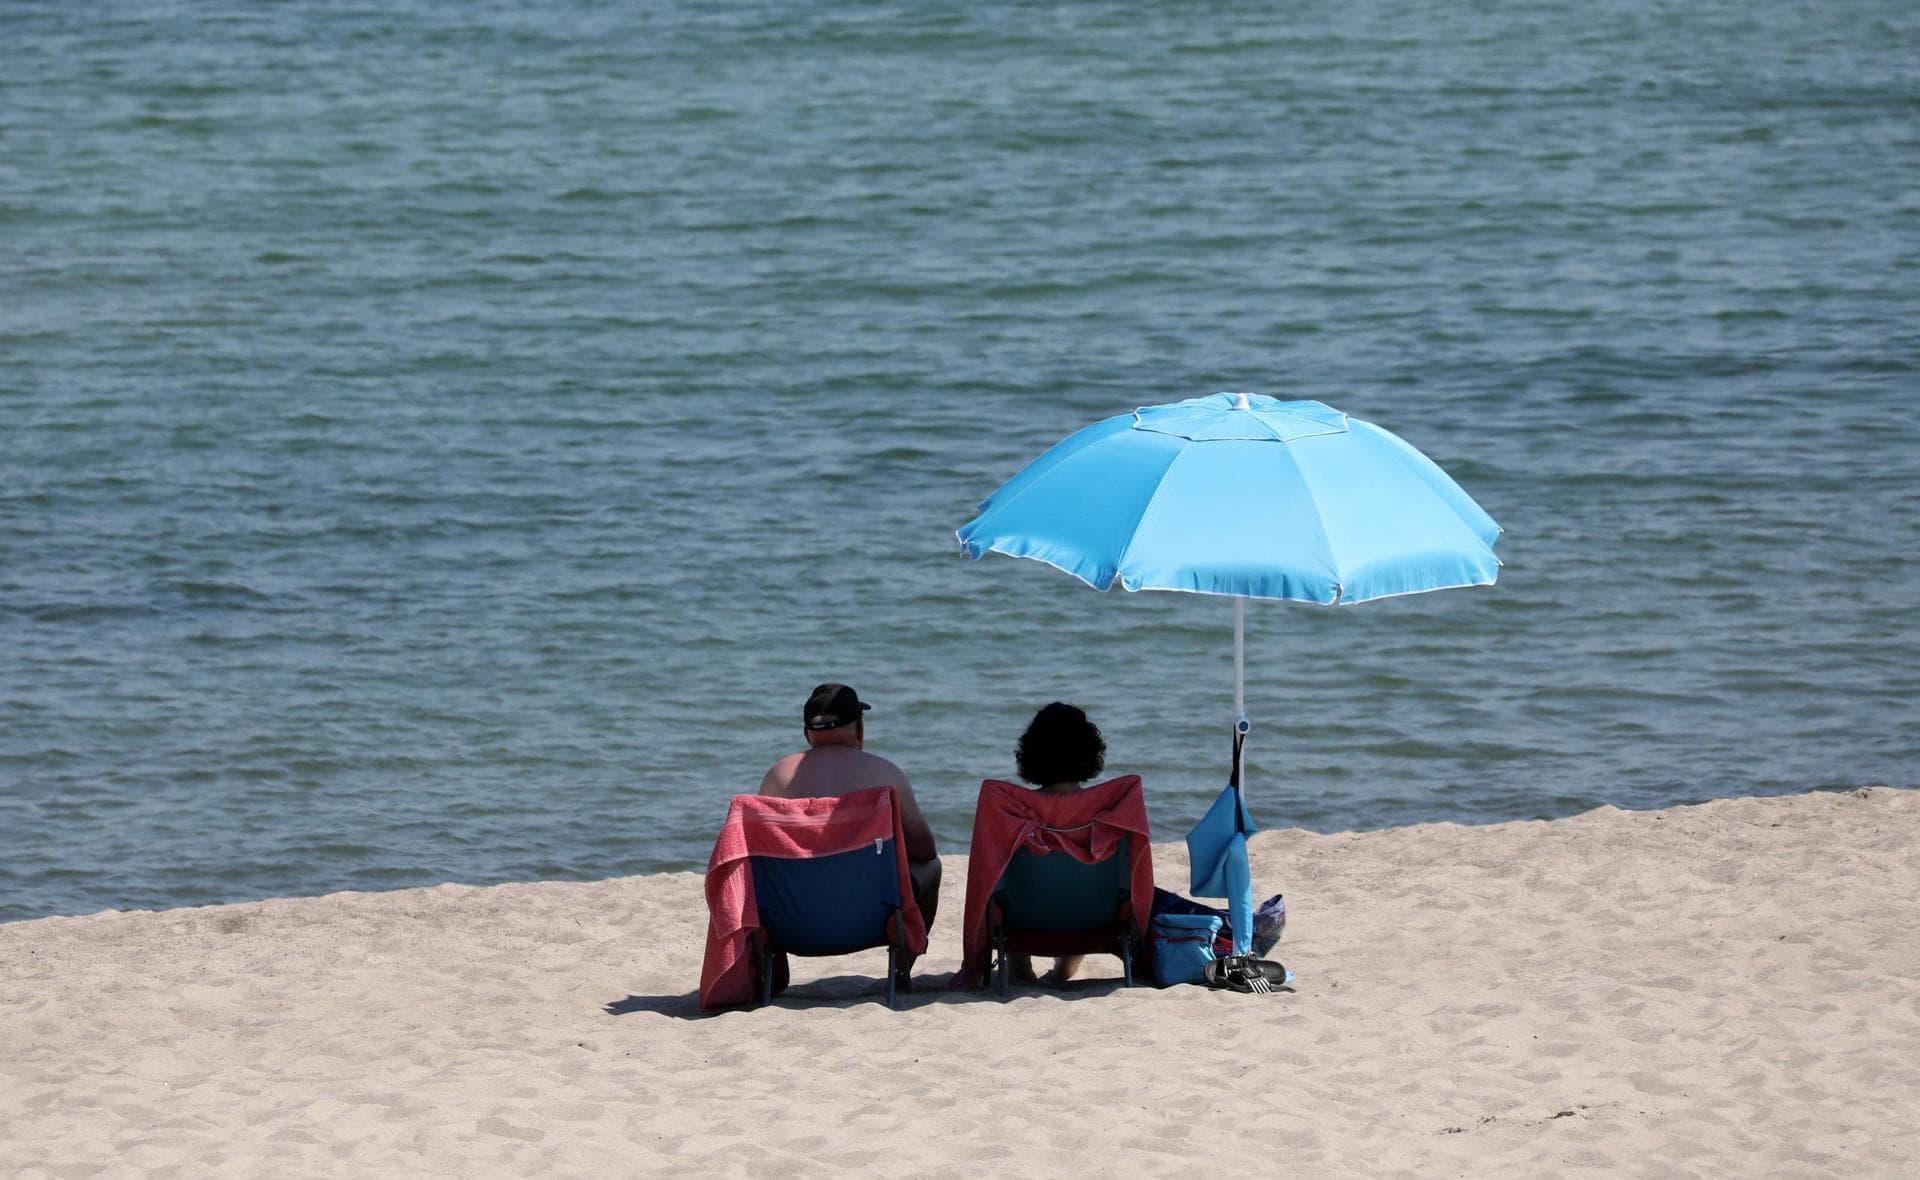 Keine neuen Regeln für Urlauber trotz Delta-Variante Corona-Pandemie